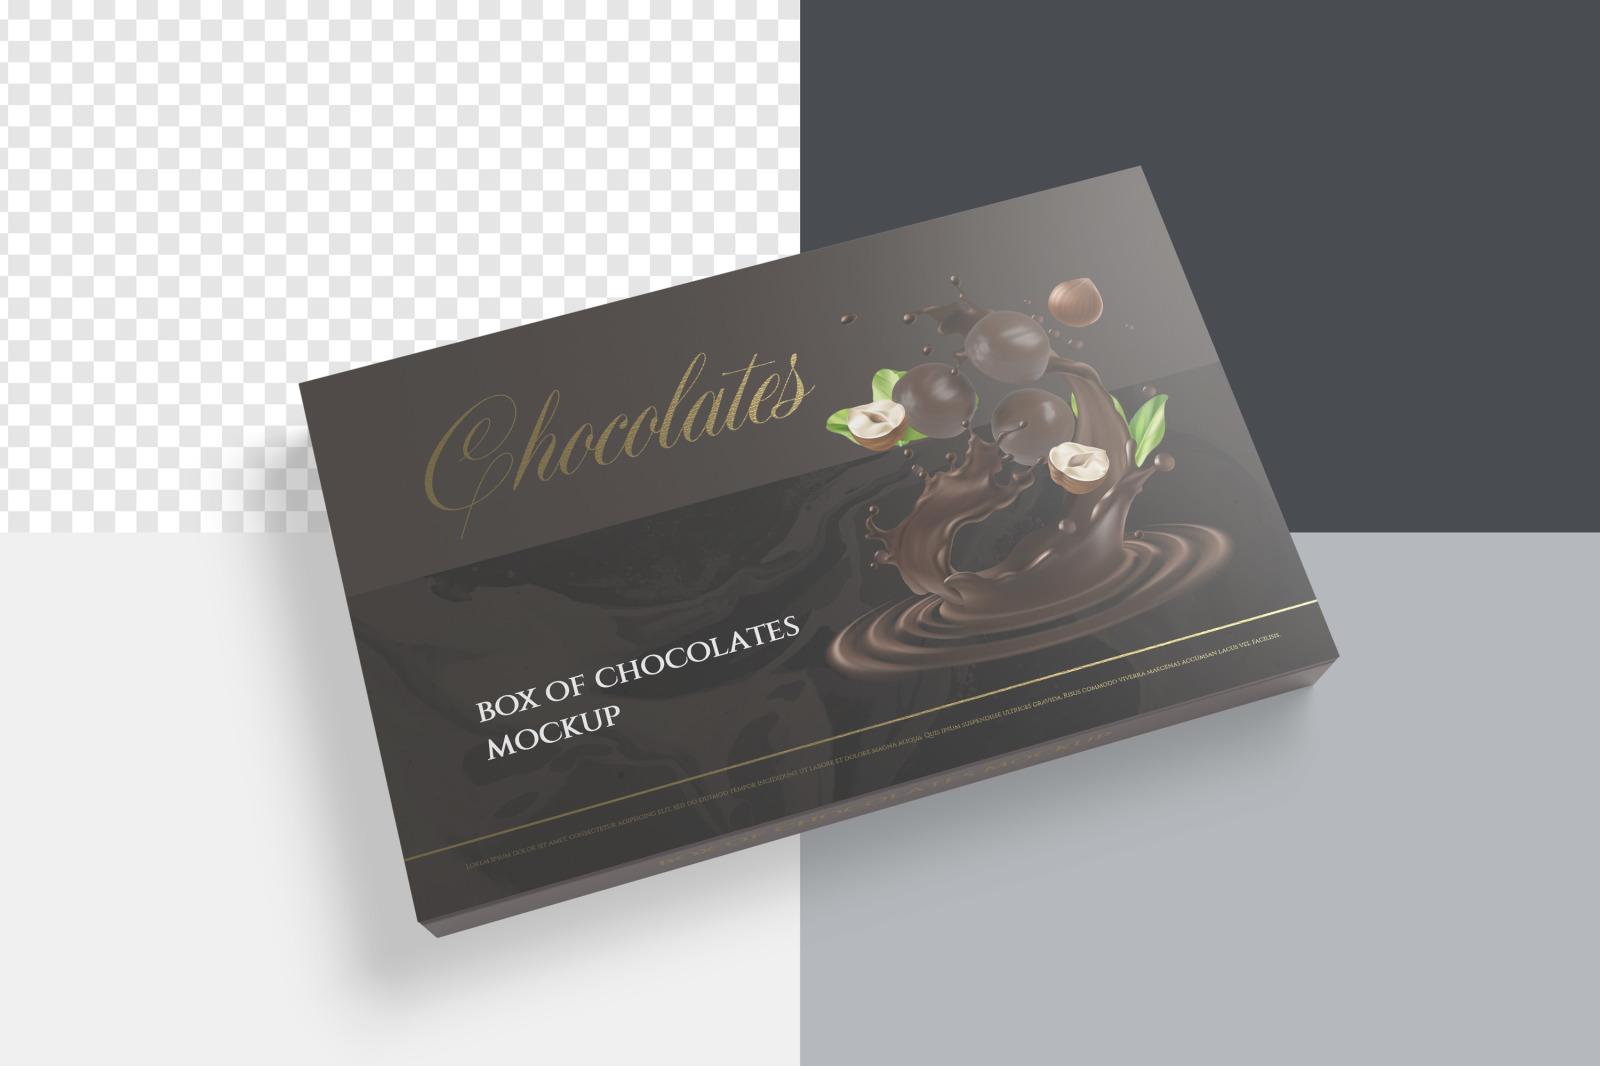 7款金箔效果巧克力包装纸盒设计展示样机 Box Of Chocolates Mockup插图(8)